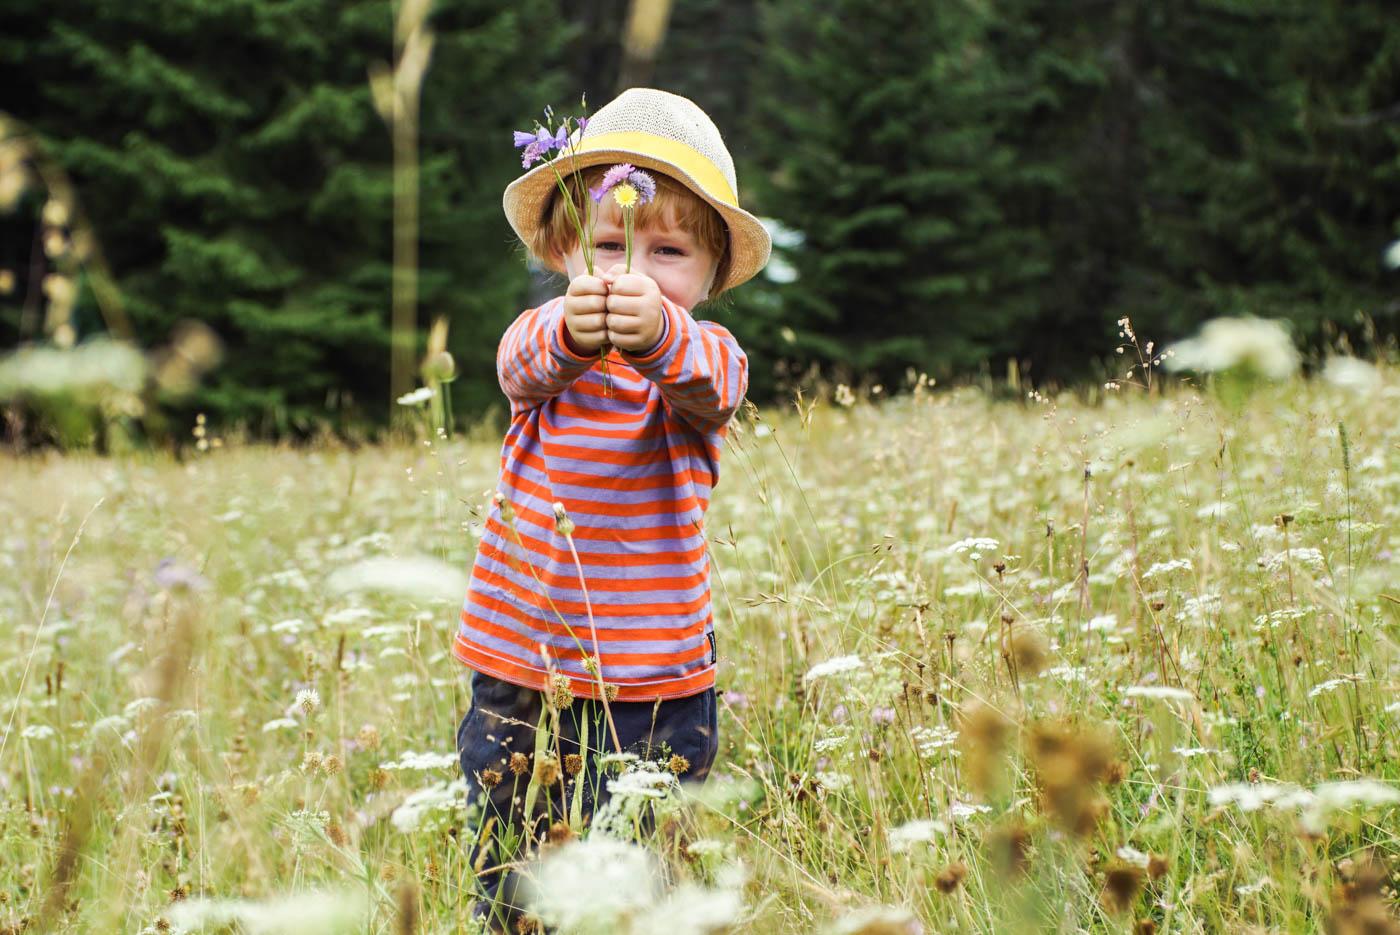 Luke steht auf einer bergblumenwiese und hält zwei kleine Blumensträuße vors Gesicht